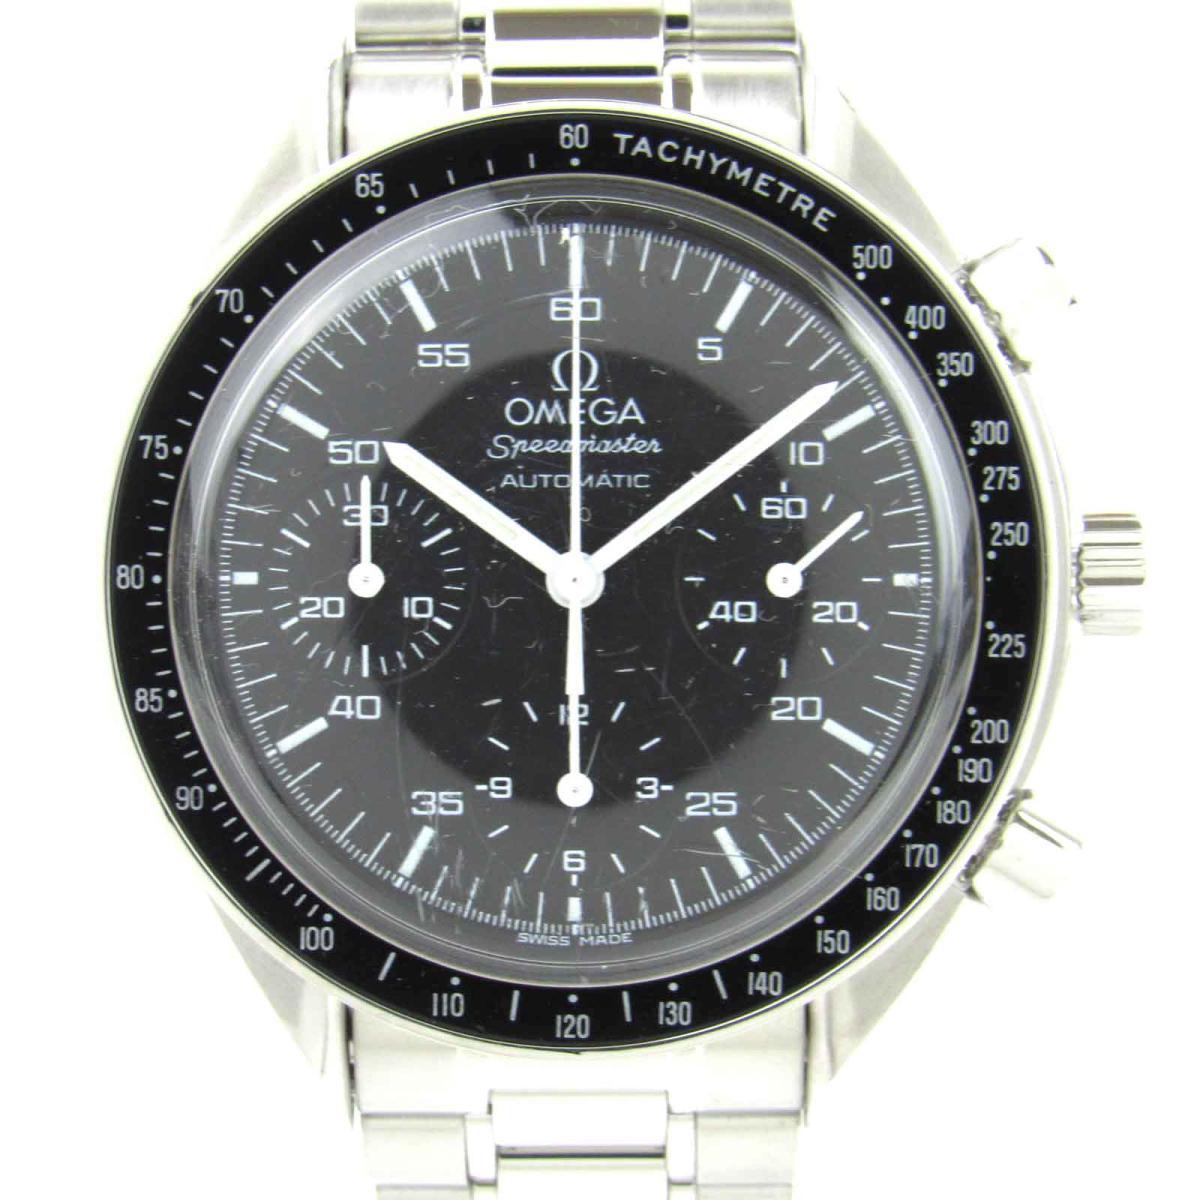 【中古】 オメガ スピードマスター ウォッチ 腕時計 メンズ ステンレススチール (SS) (3510.50) | OMEGA ブランドオフ ブランド ブランド時計 ブランド腕時計 時計